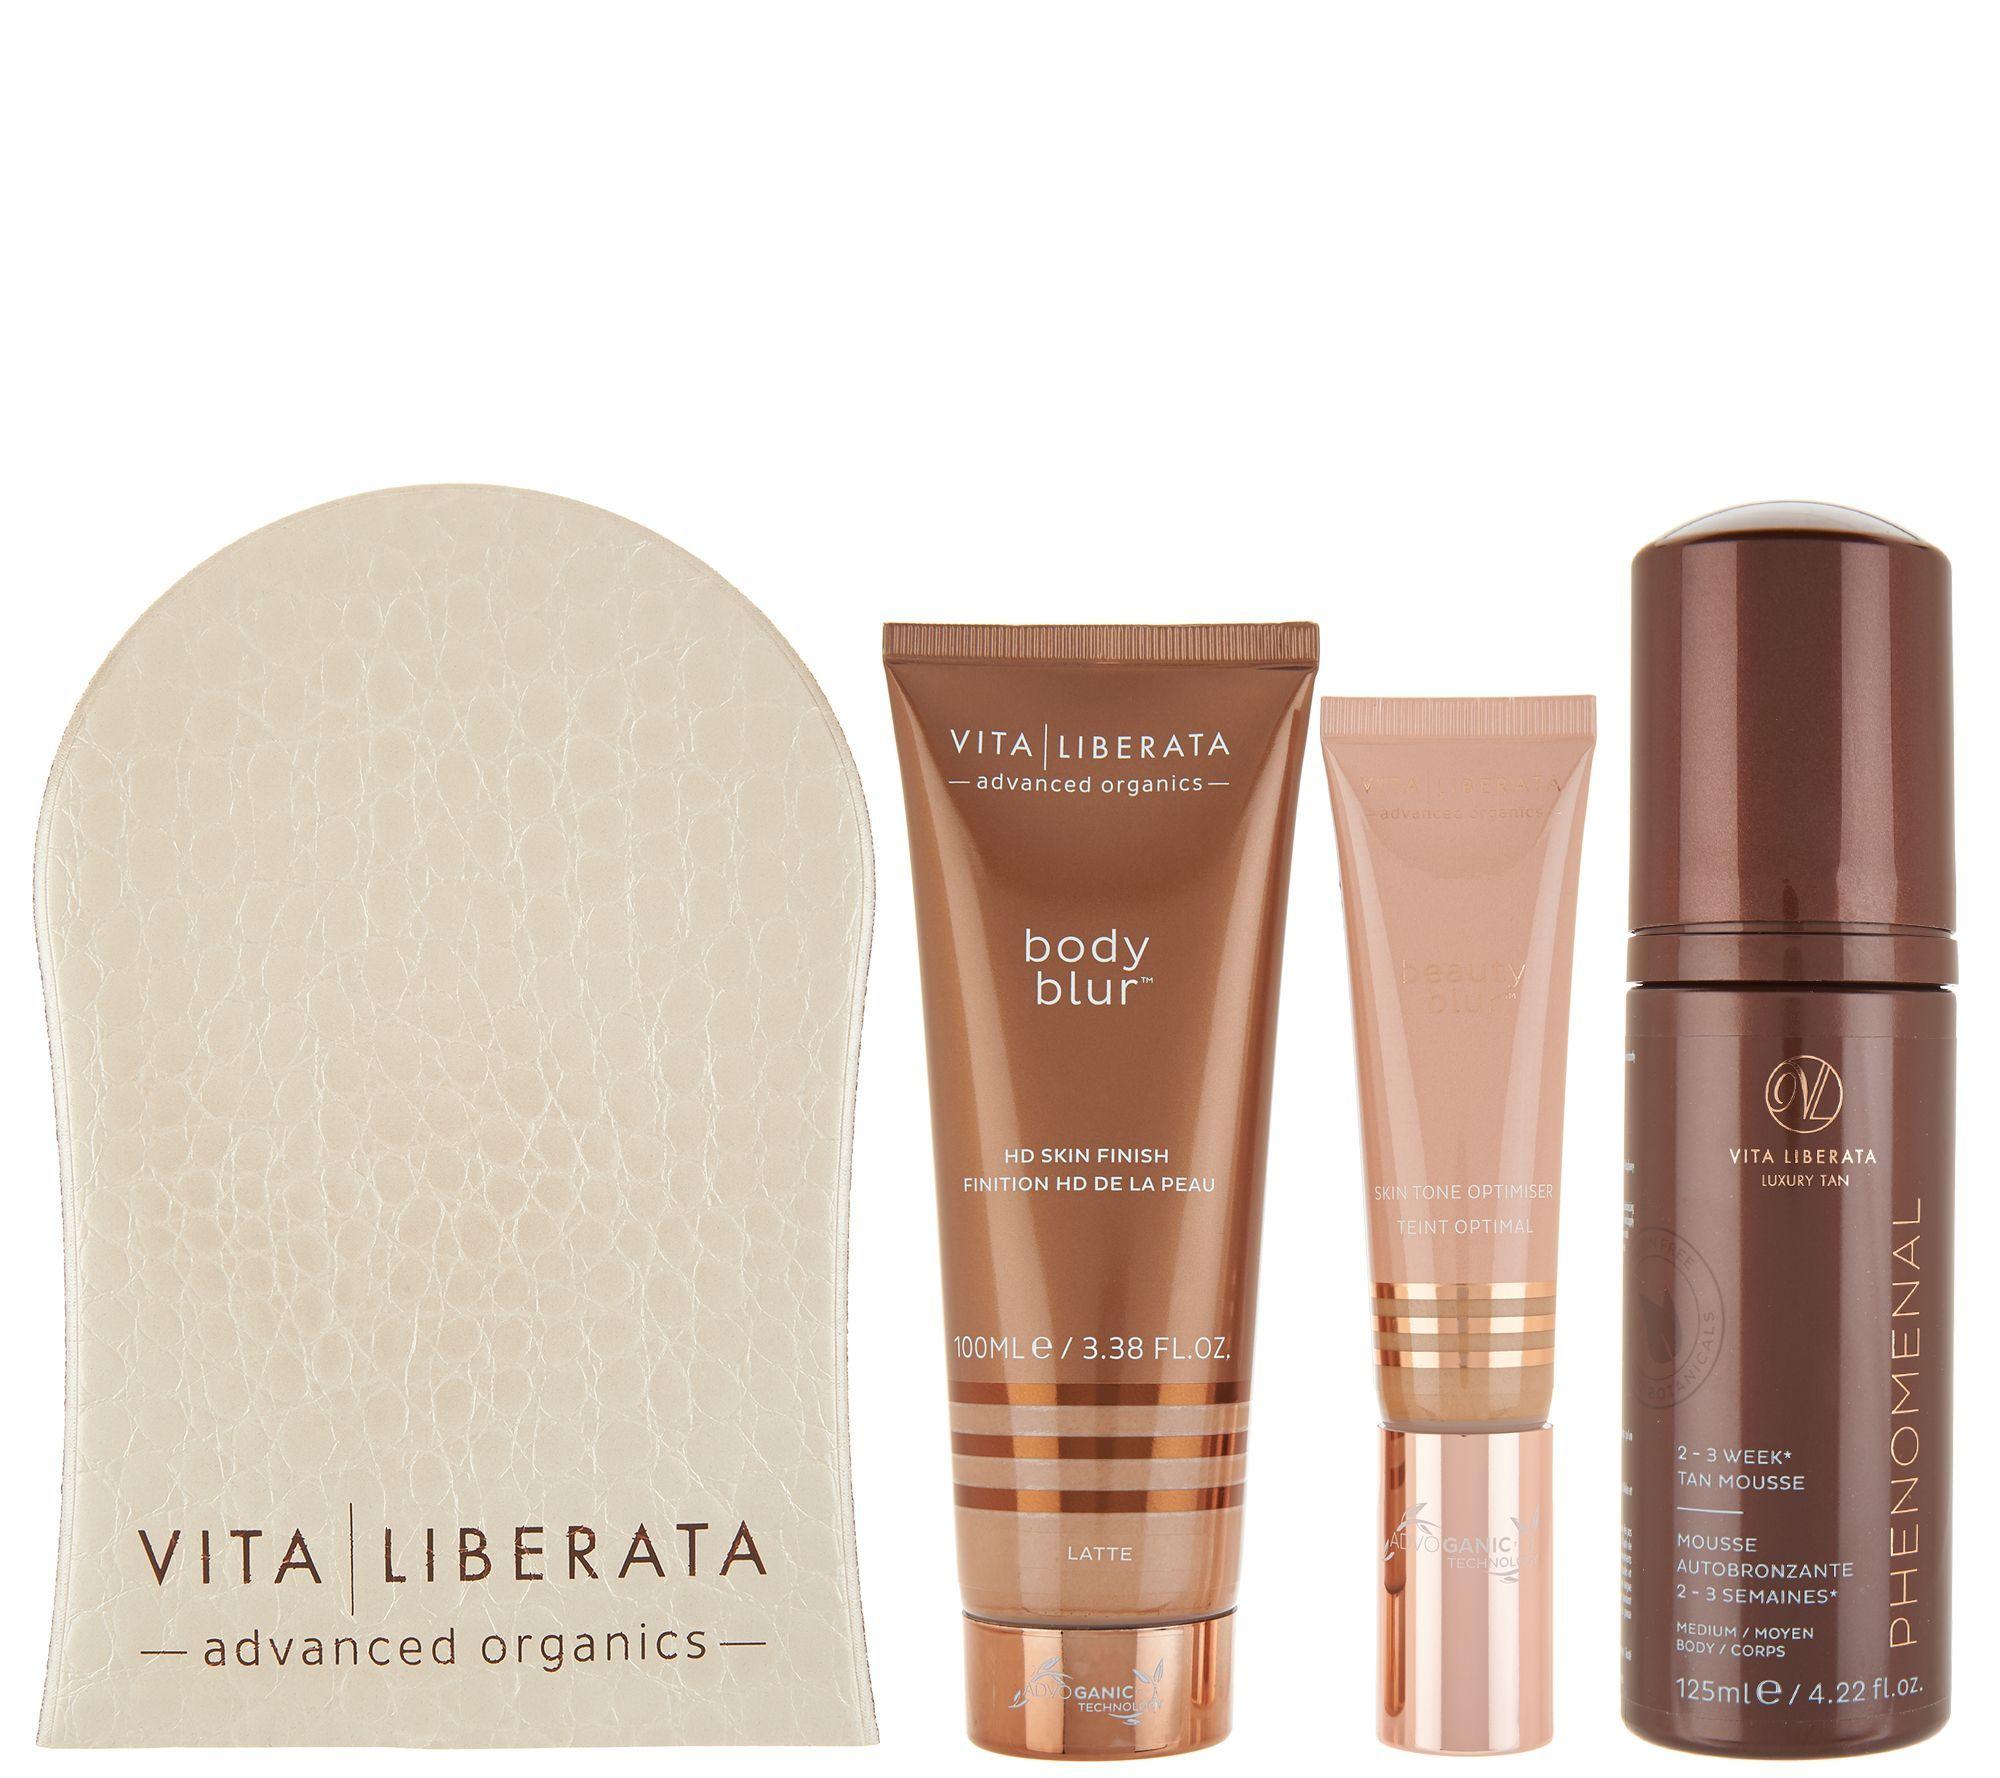 Vita Liberata Phenomenal Self Tan Face Body Kit Qvc Com Face